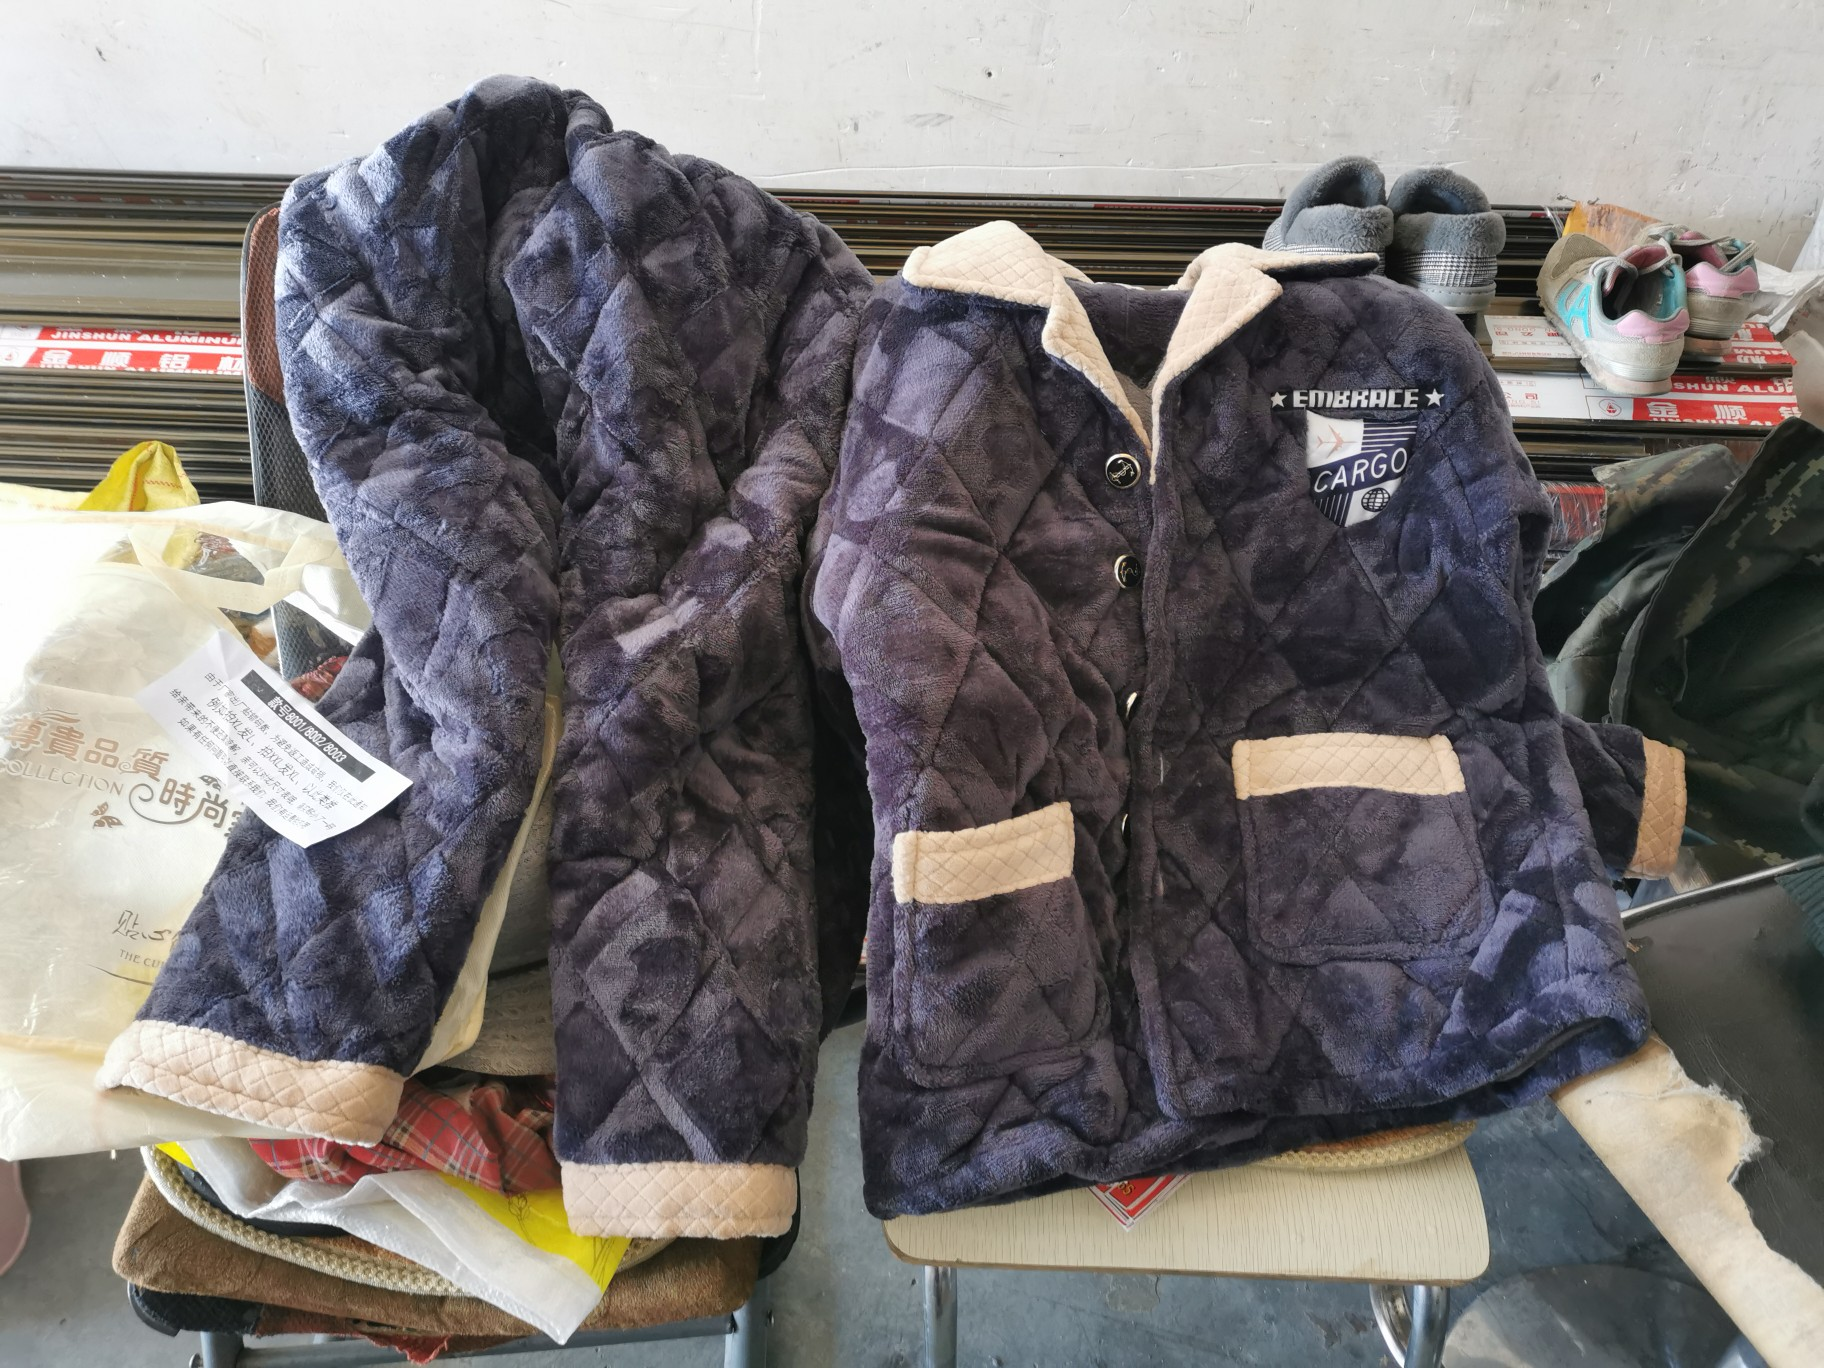 丰腾世家男士冬季睡衣怎么样?丰腾世家睡衣质量?质量如何?值得买吗?